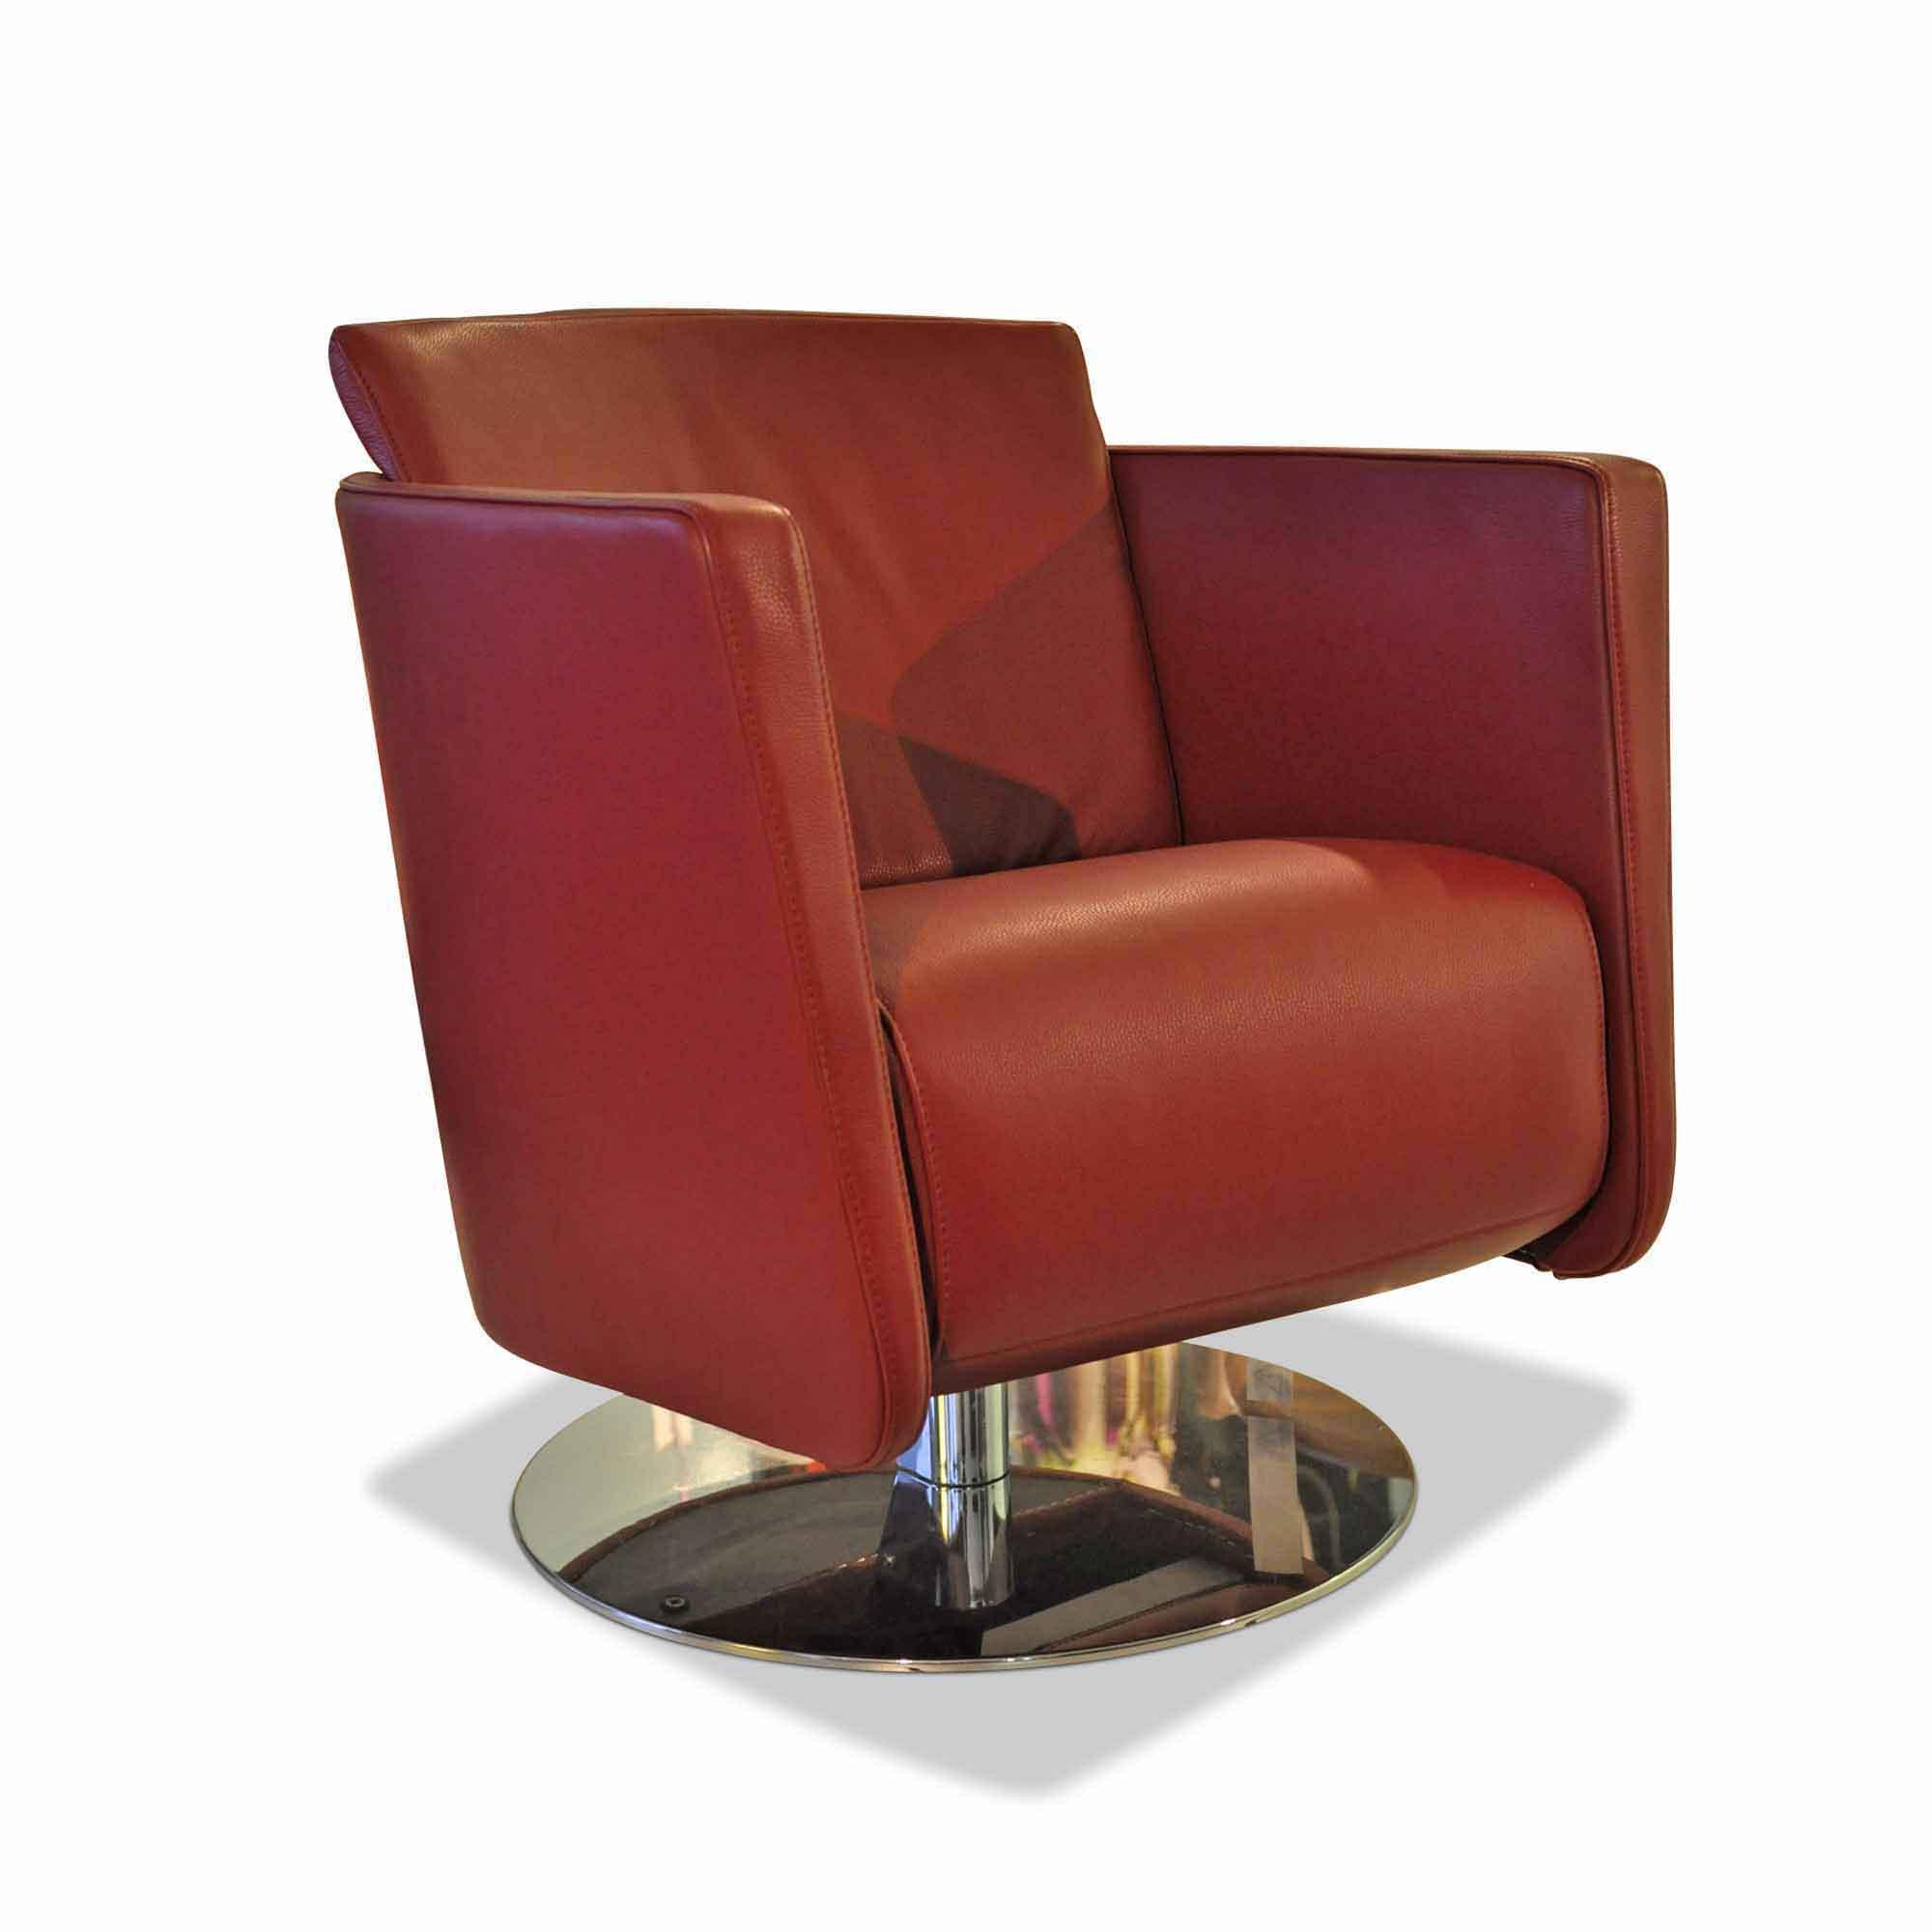 sessel just einzelst ck fsm sessel g nstig kaufen m belfirst. Black Bedroom Furniture Sets. Home Design Ideas